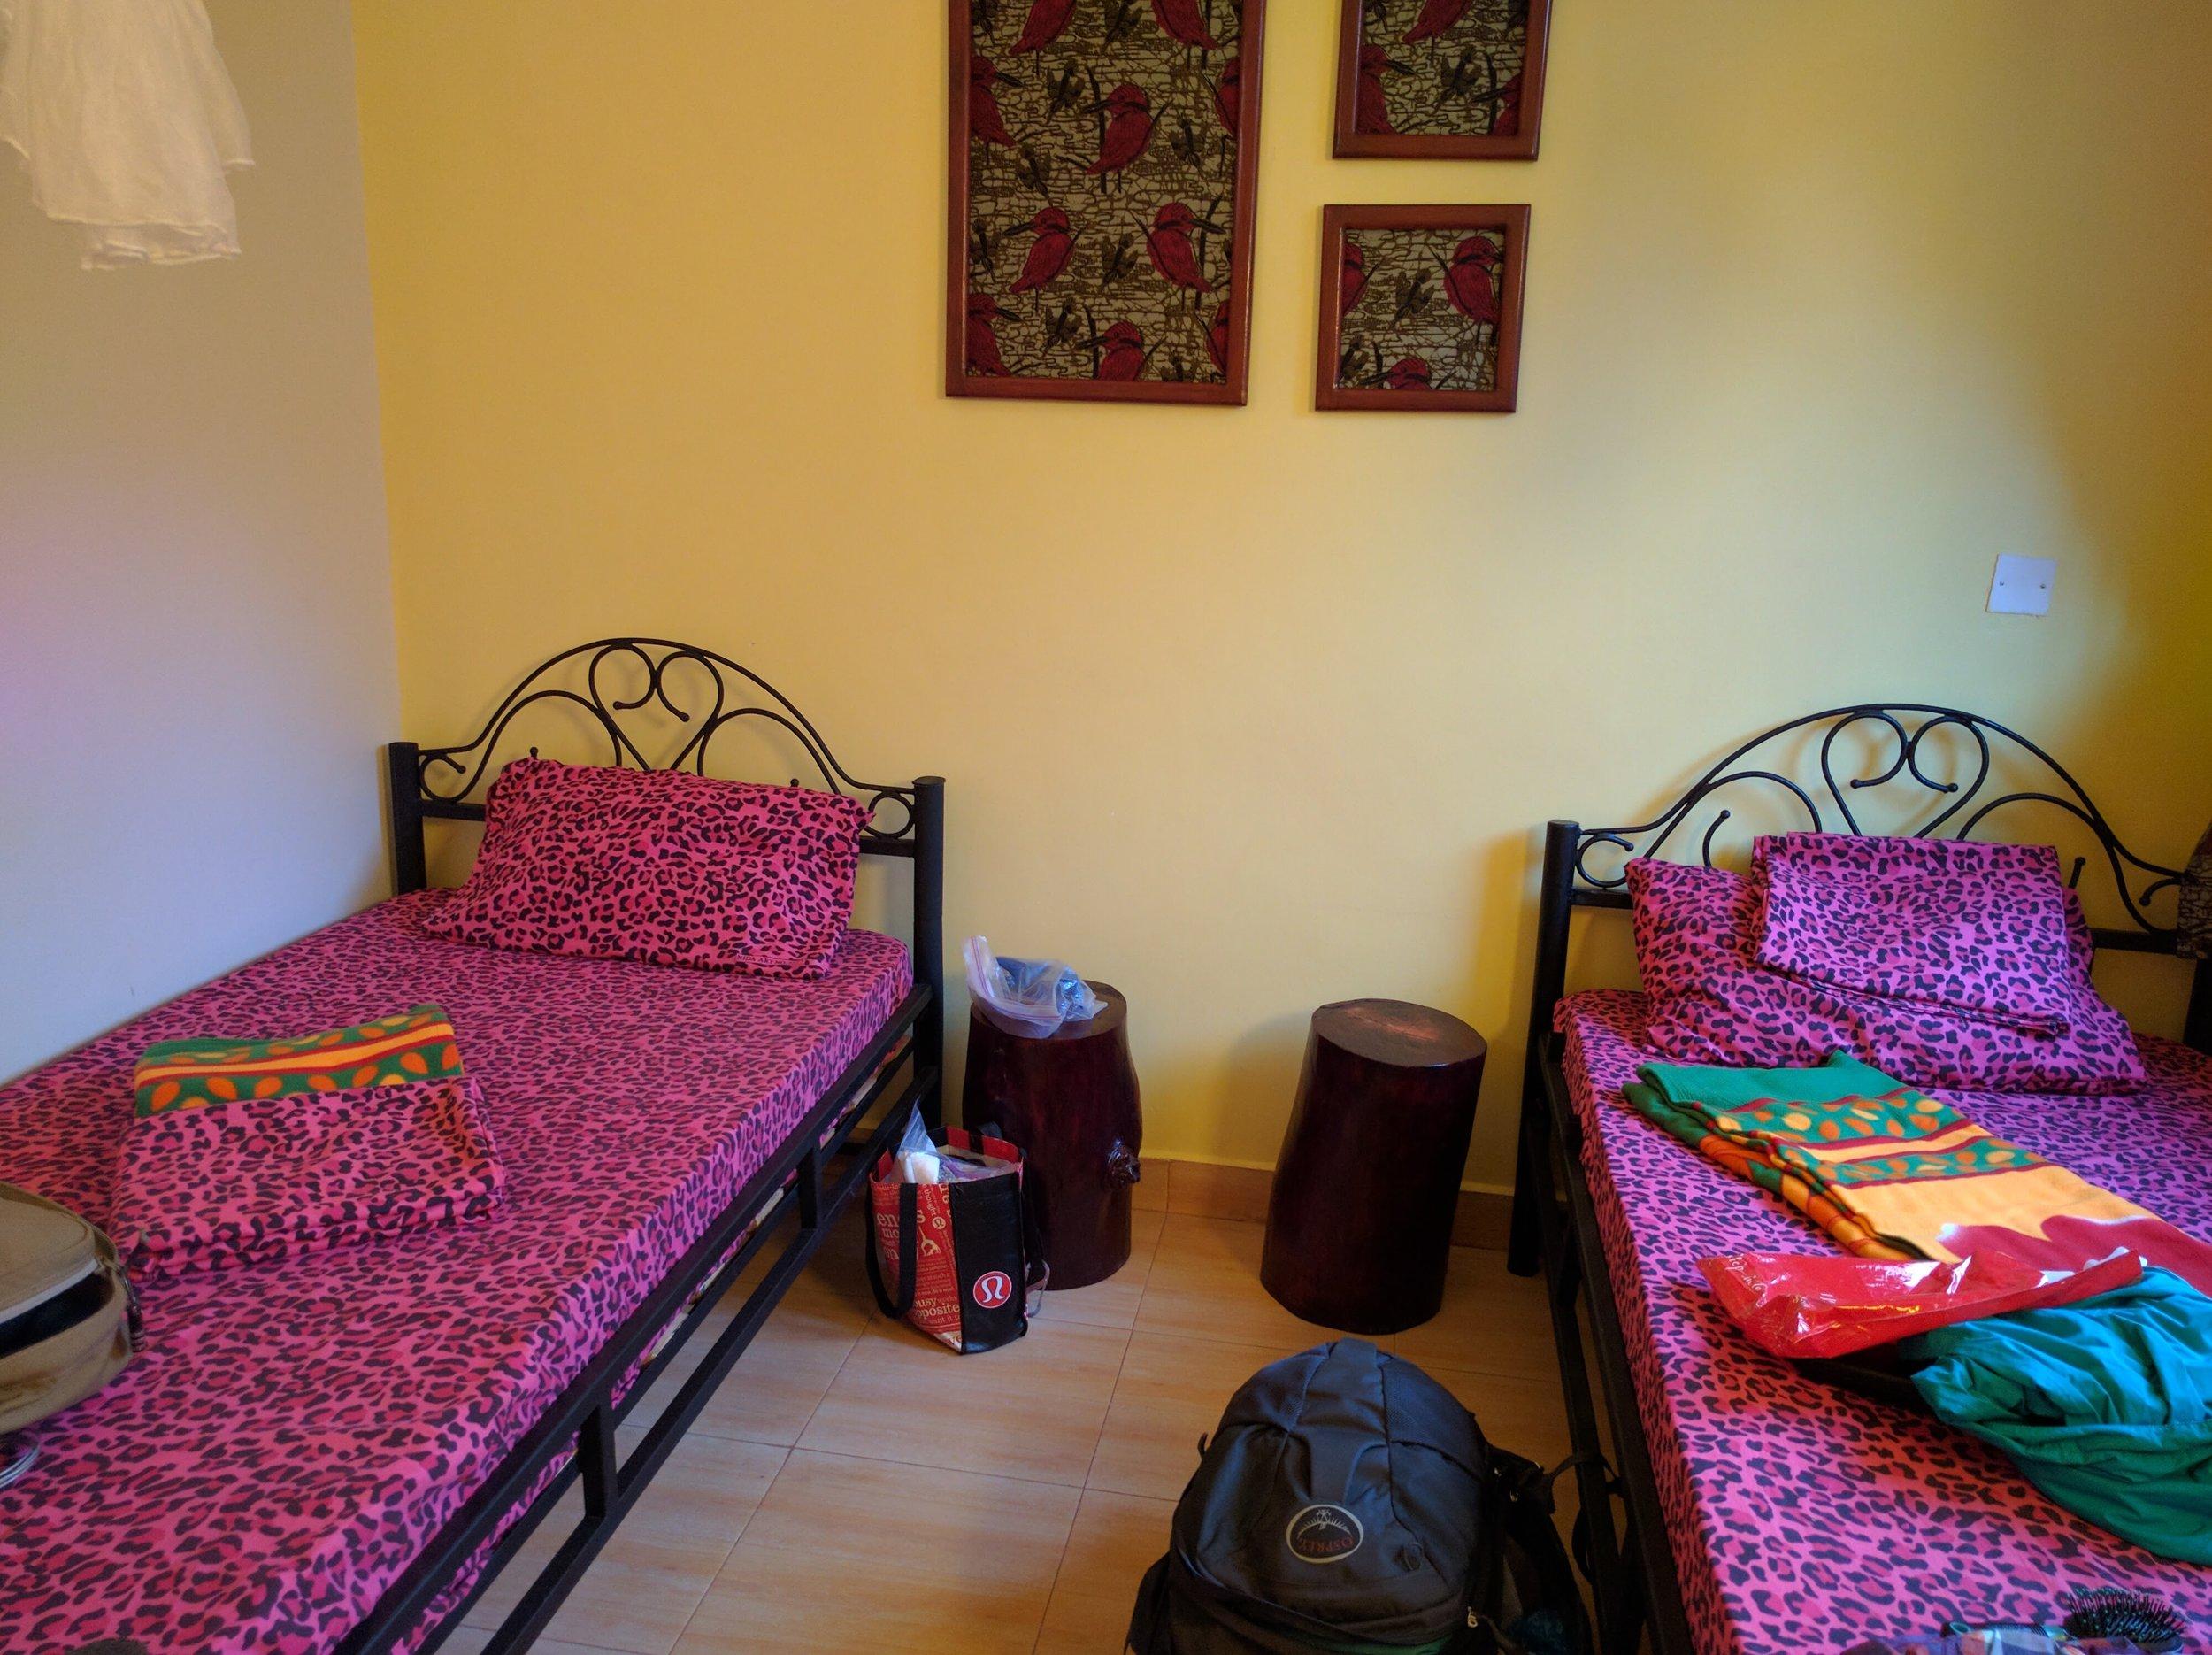 Pimpin' bed sheets at Rafiki Backpackers